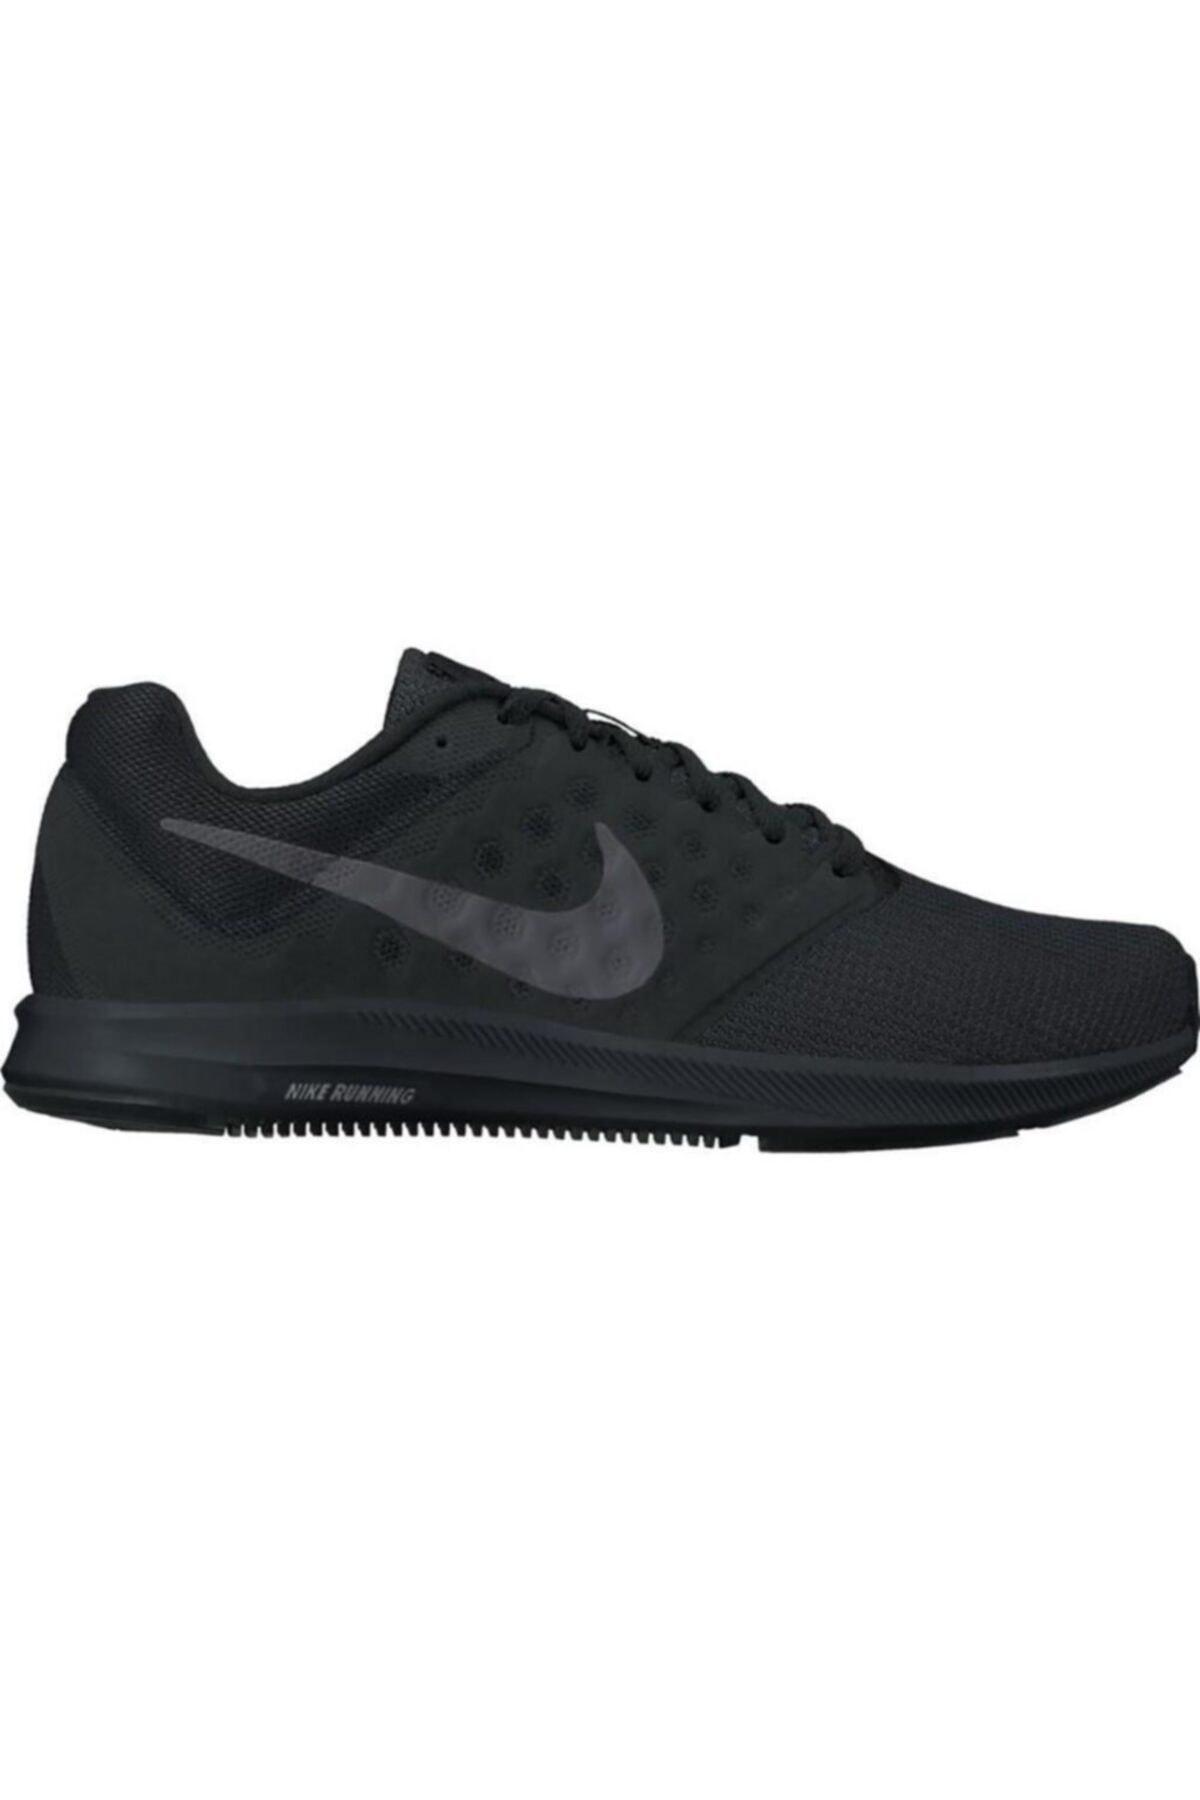 Nike 852466 Womans Downshifter 7 Kadın Spor Ayakkabı 1